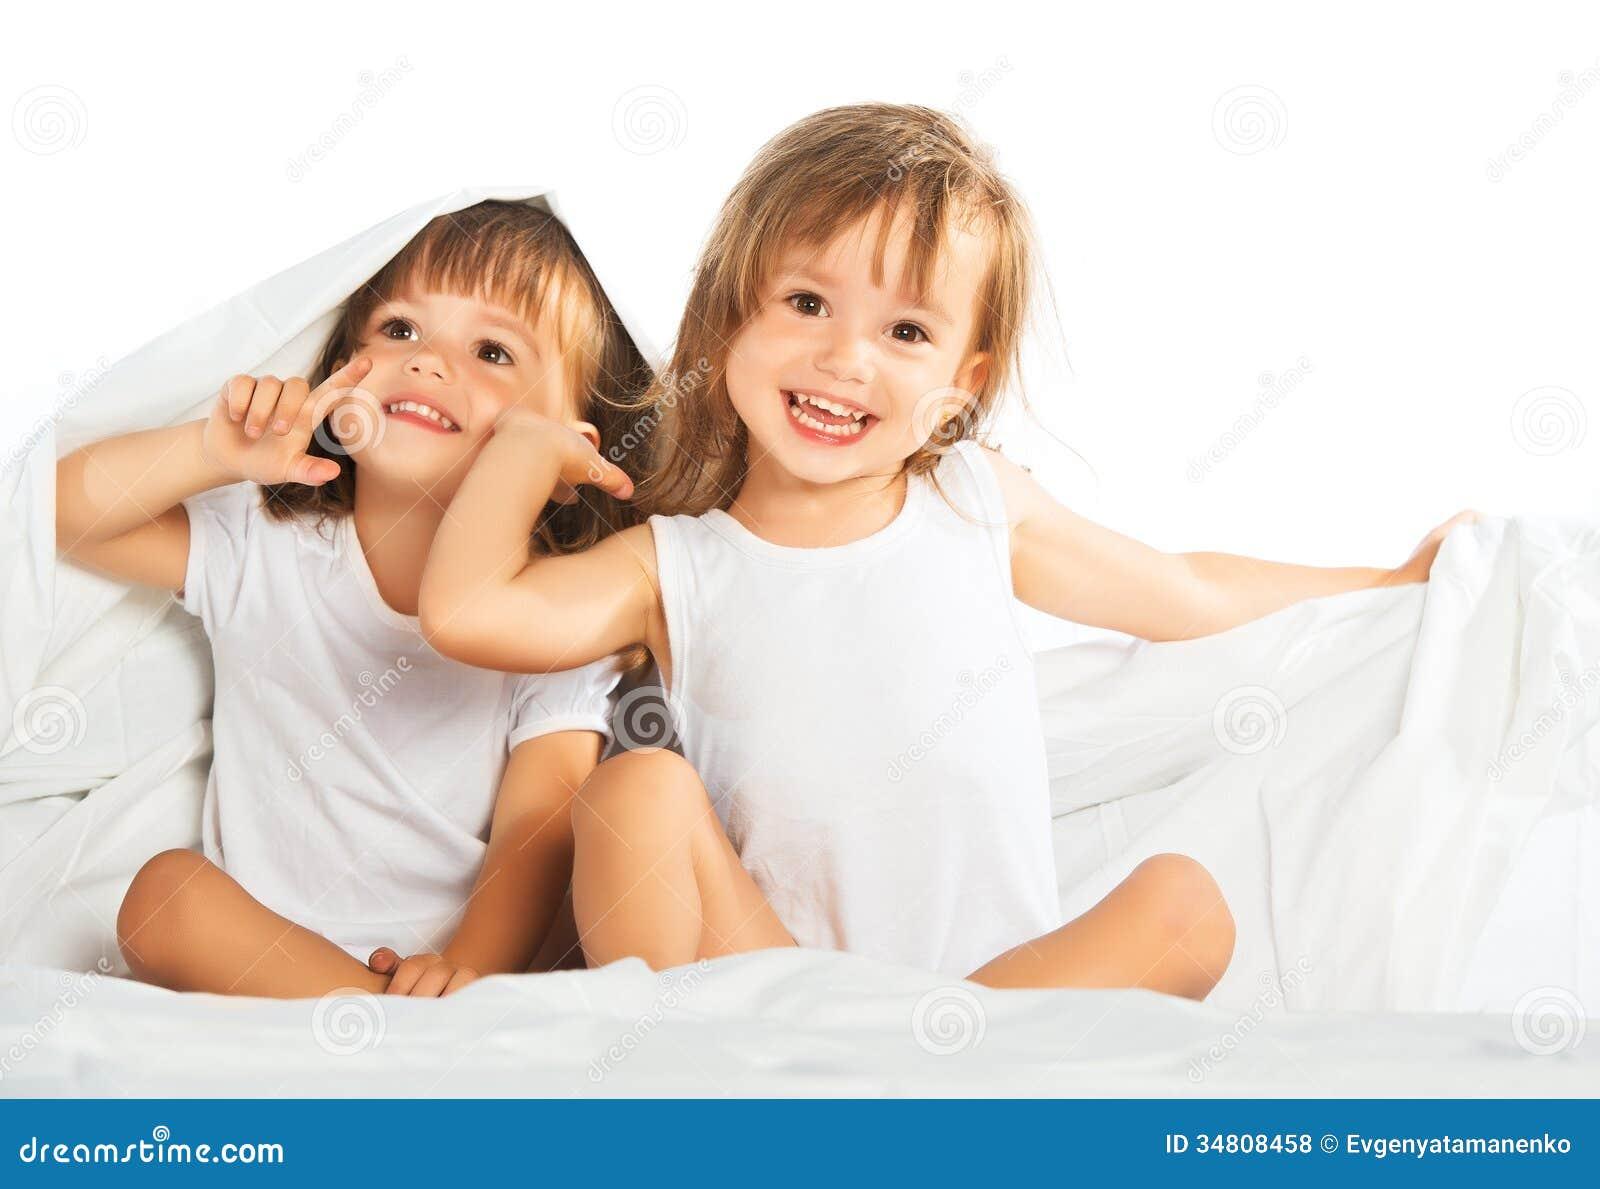 Lyckliga små flickor kopplar samman systern i säng under filten som den har